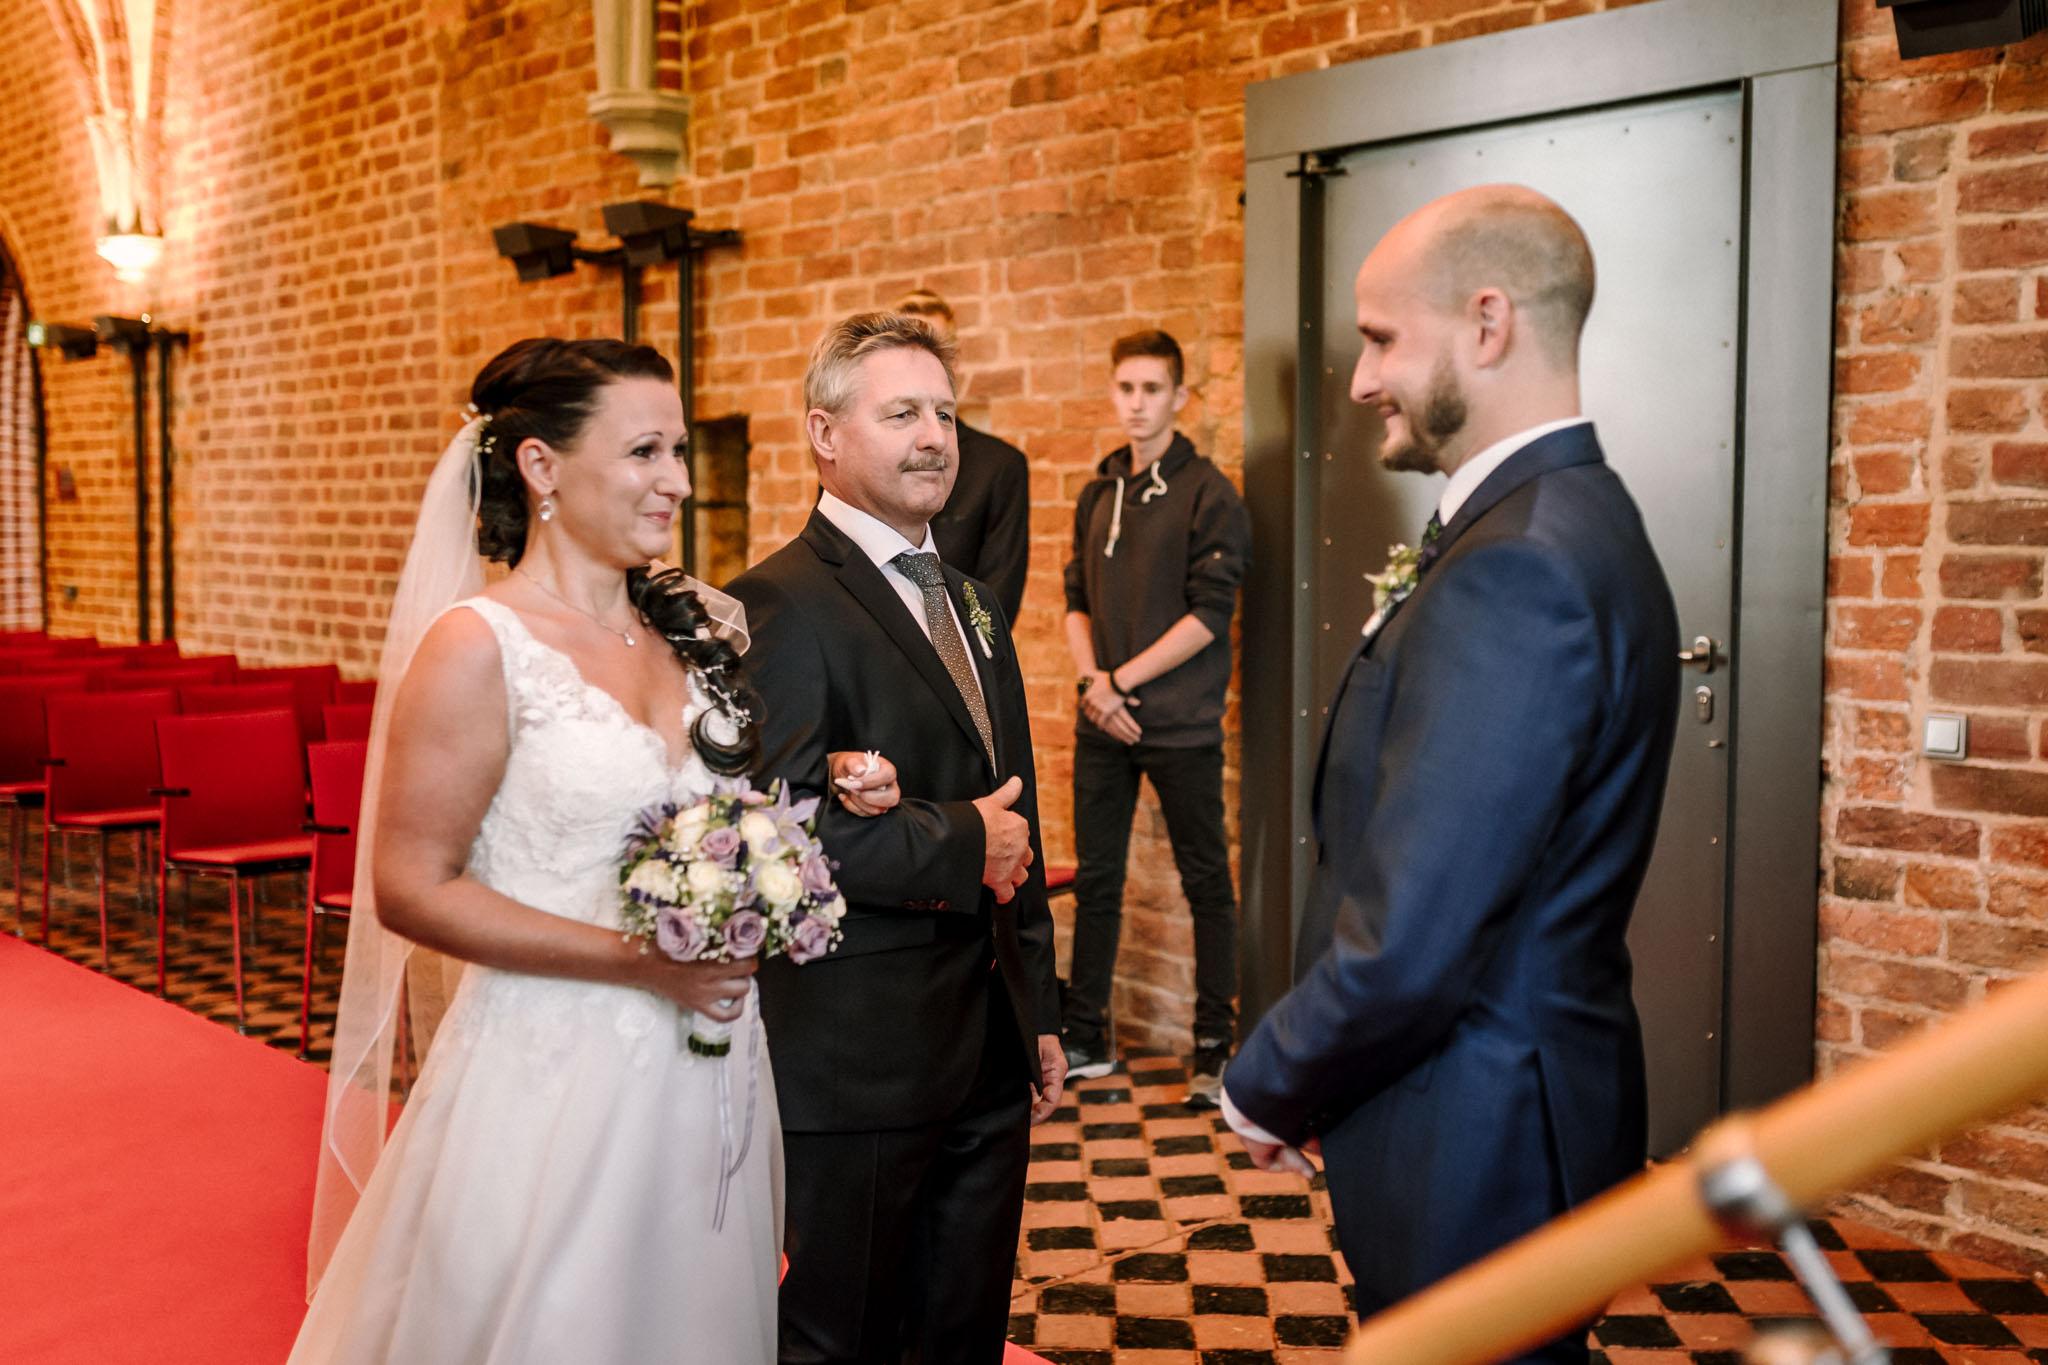 Hochzeitsfieber by Photo-Schomburg, Hochzeitsfotograf, Hamburg,Hochzeitstag, Hochzeitspaar, Braut, Bräutigam, Literaturhauscafe Zarrentin-20